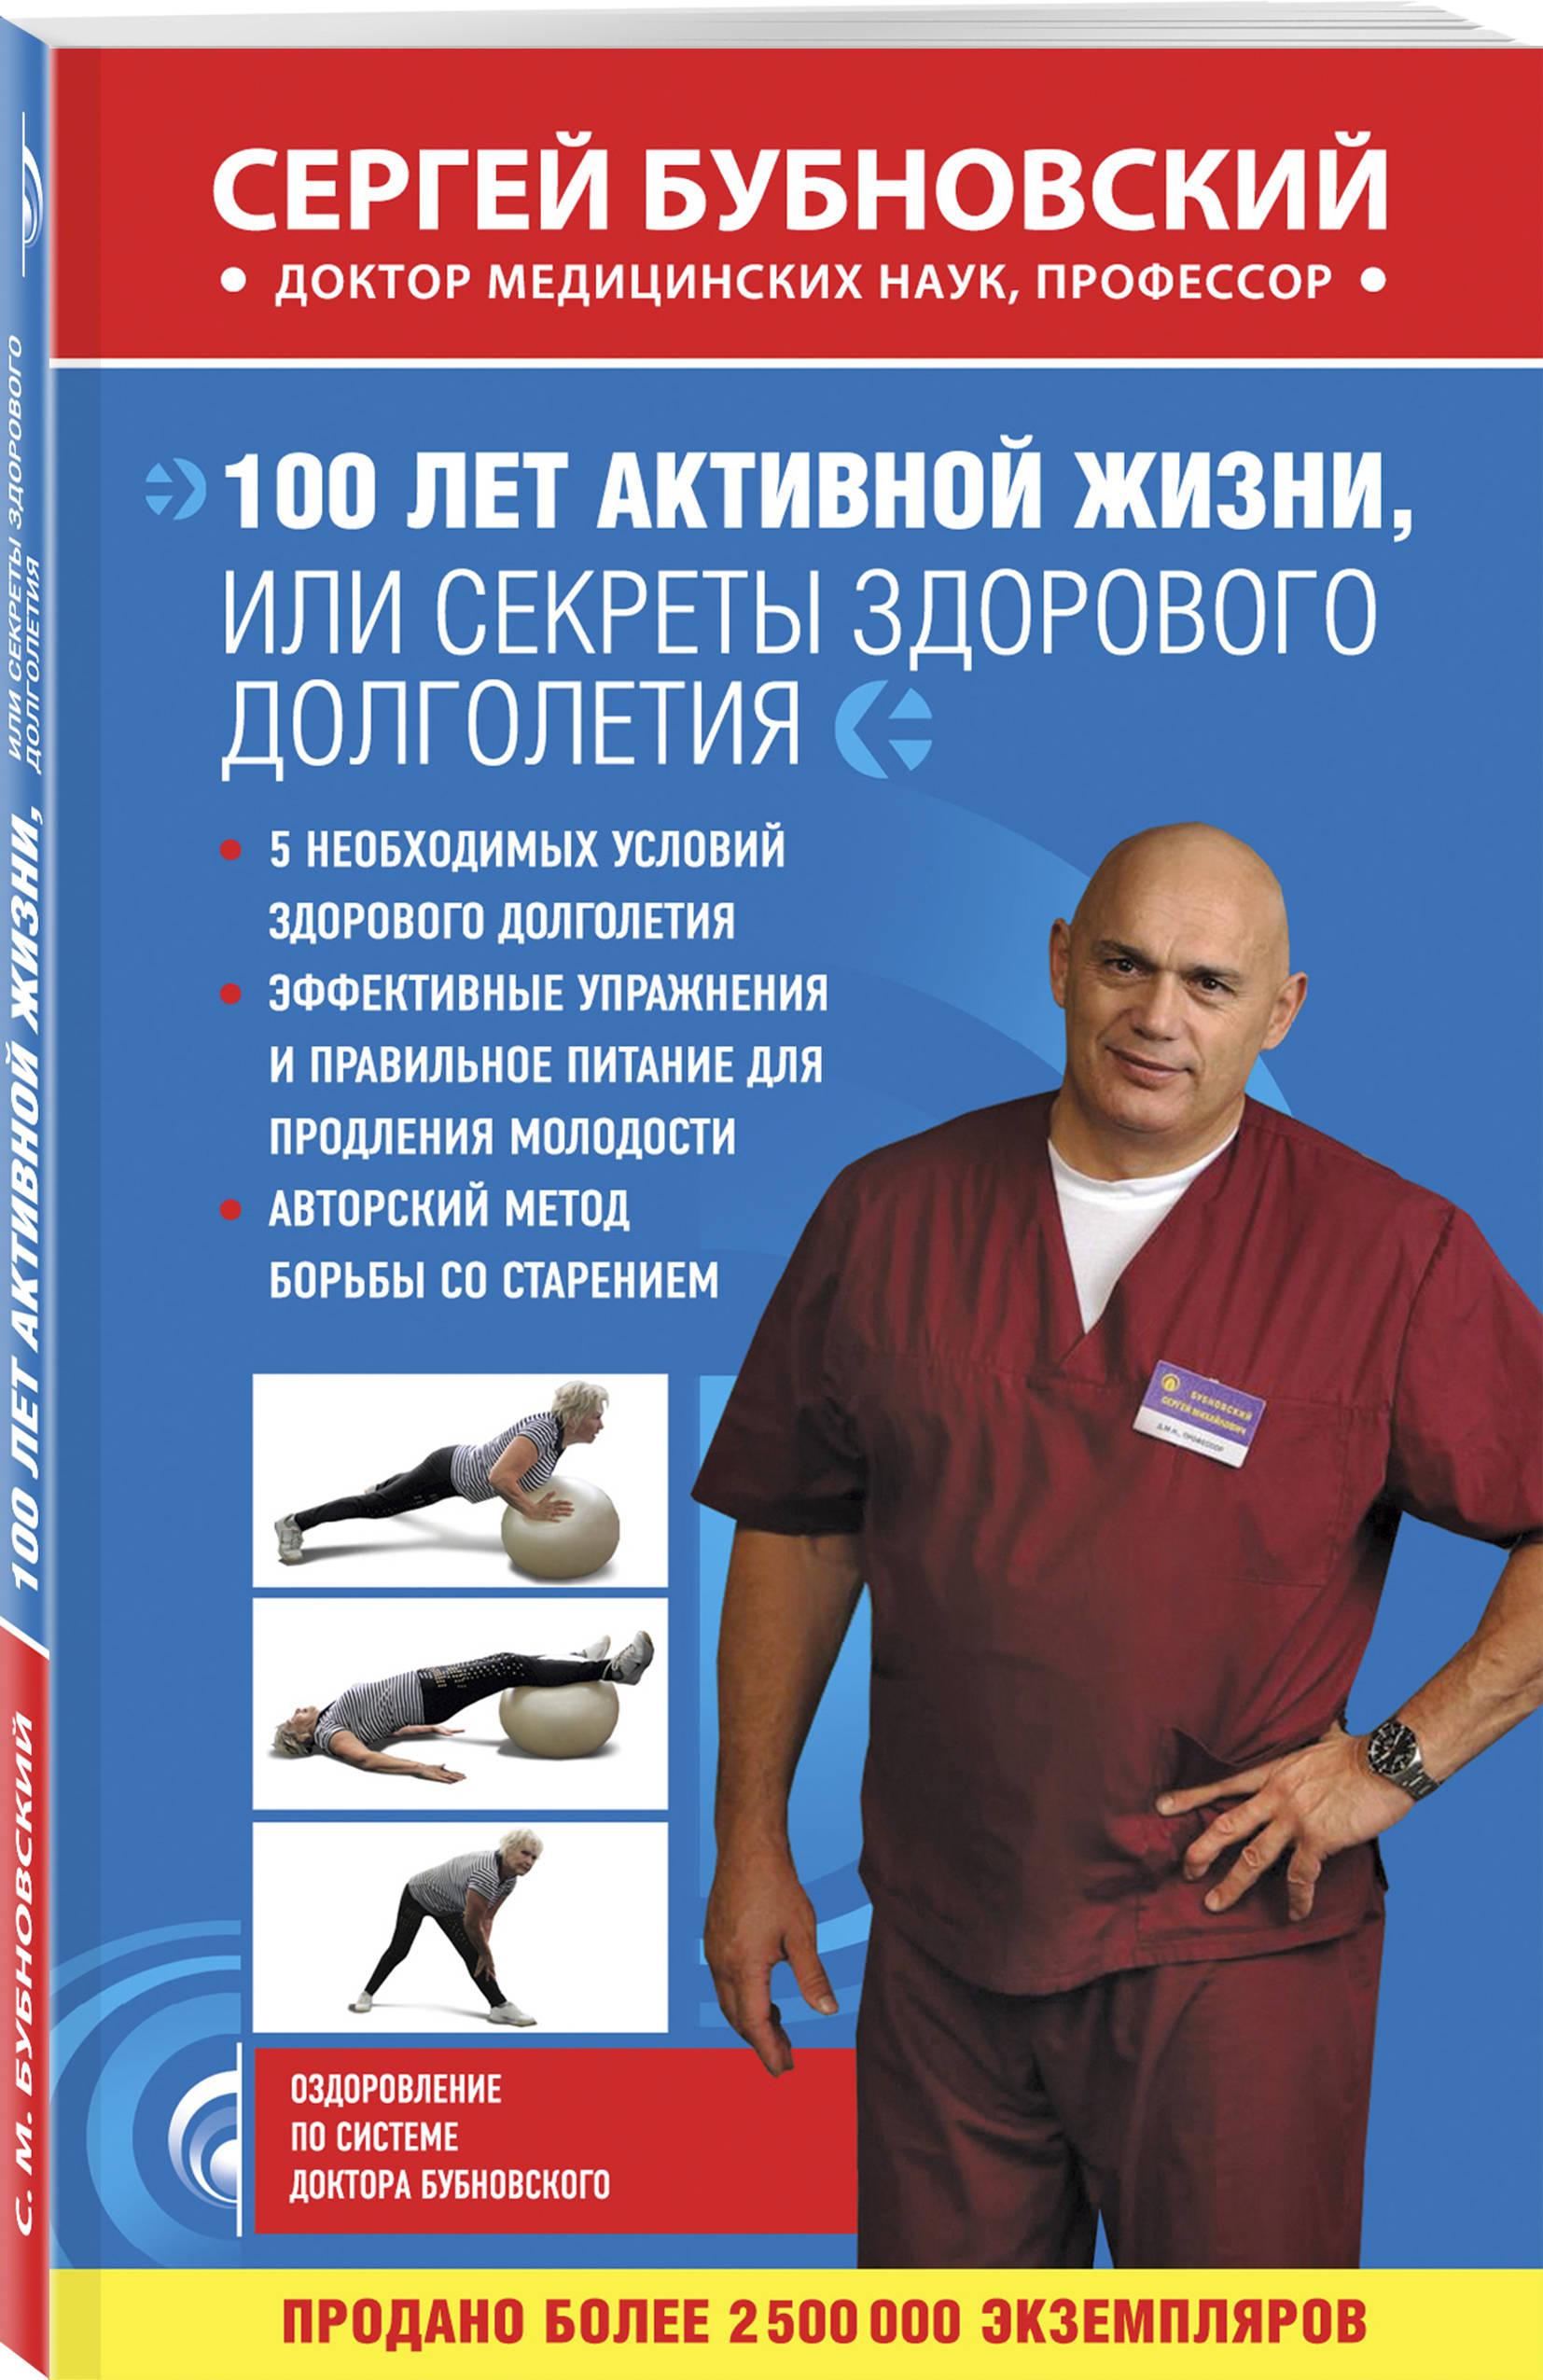 100 лет активной жизни, или Секреты здорового долголетия ( Бубновский Сергей Михайлович  )